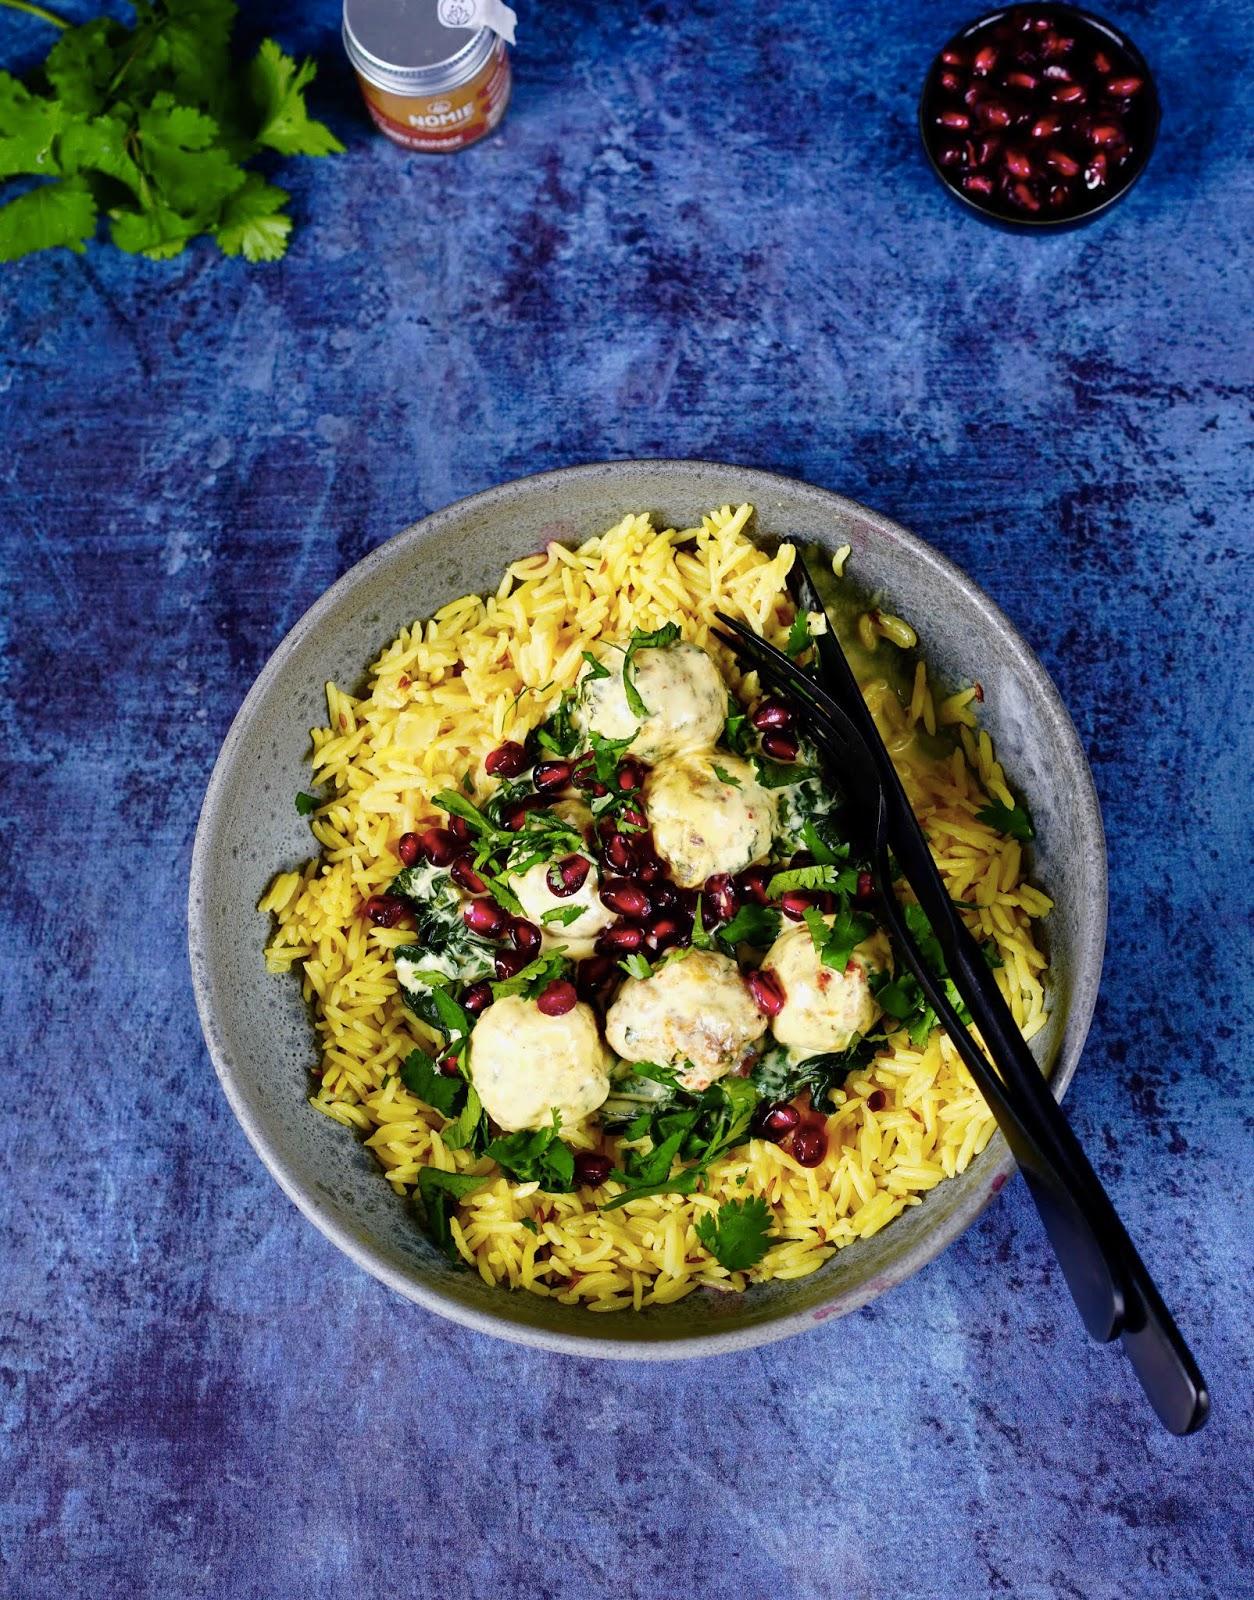 poulet , cuisine rapide, recette facile , curry au lait de coco , grenade